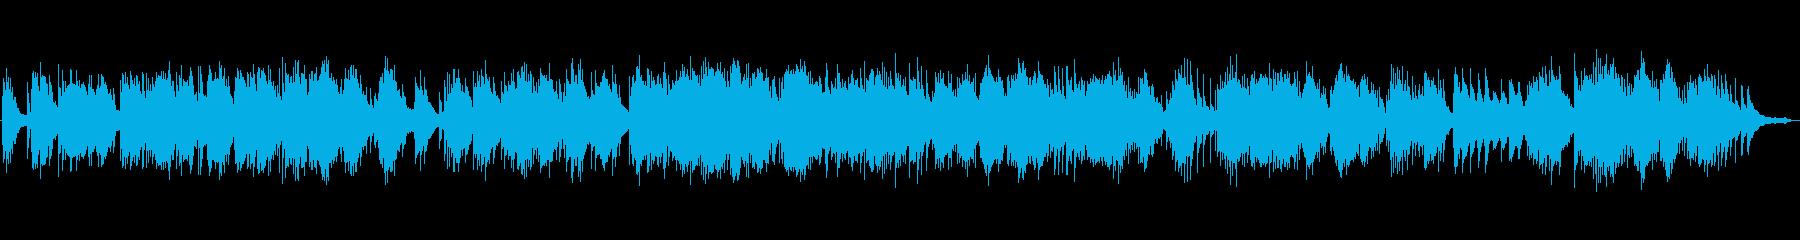 ほのぼの、少し切ないピアノソロの再生済みの波形